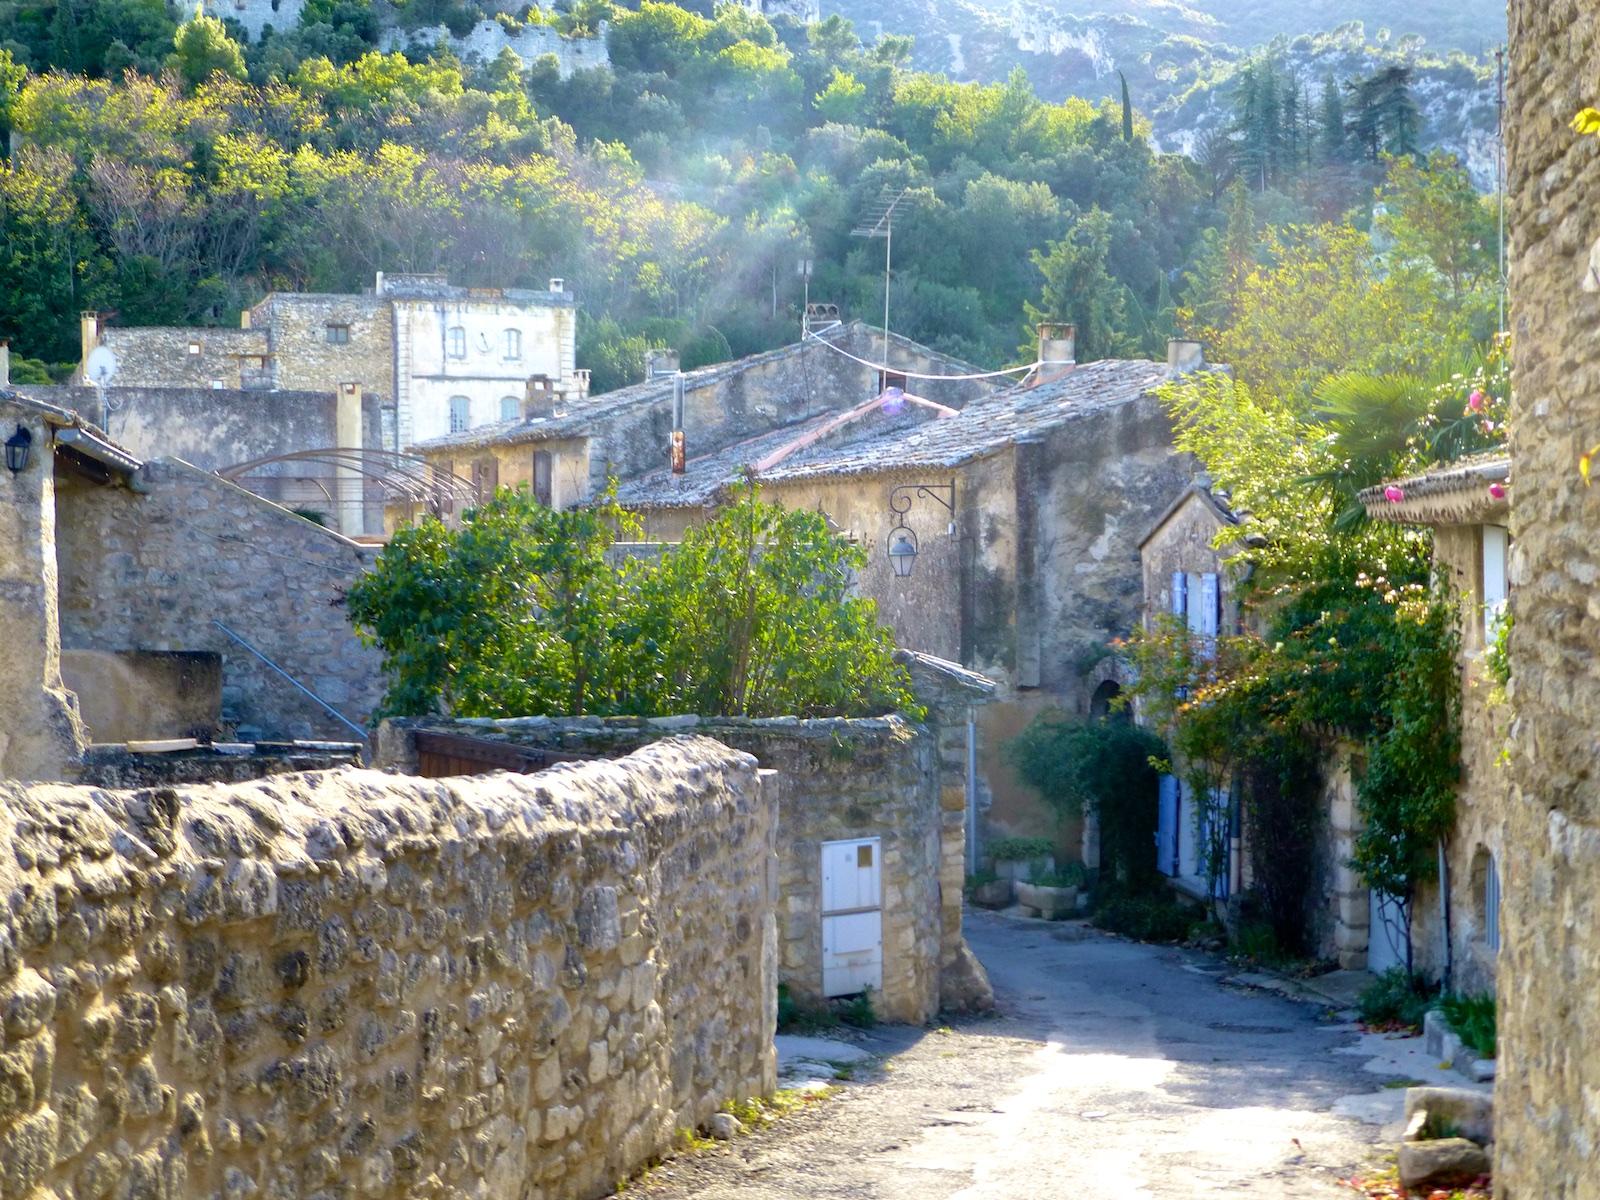 Oppède-le-Vieux, Luberon, Vaucluse, Provence, France